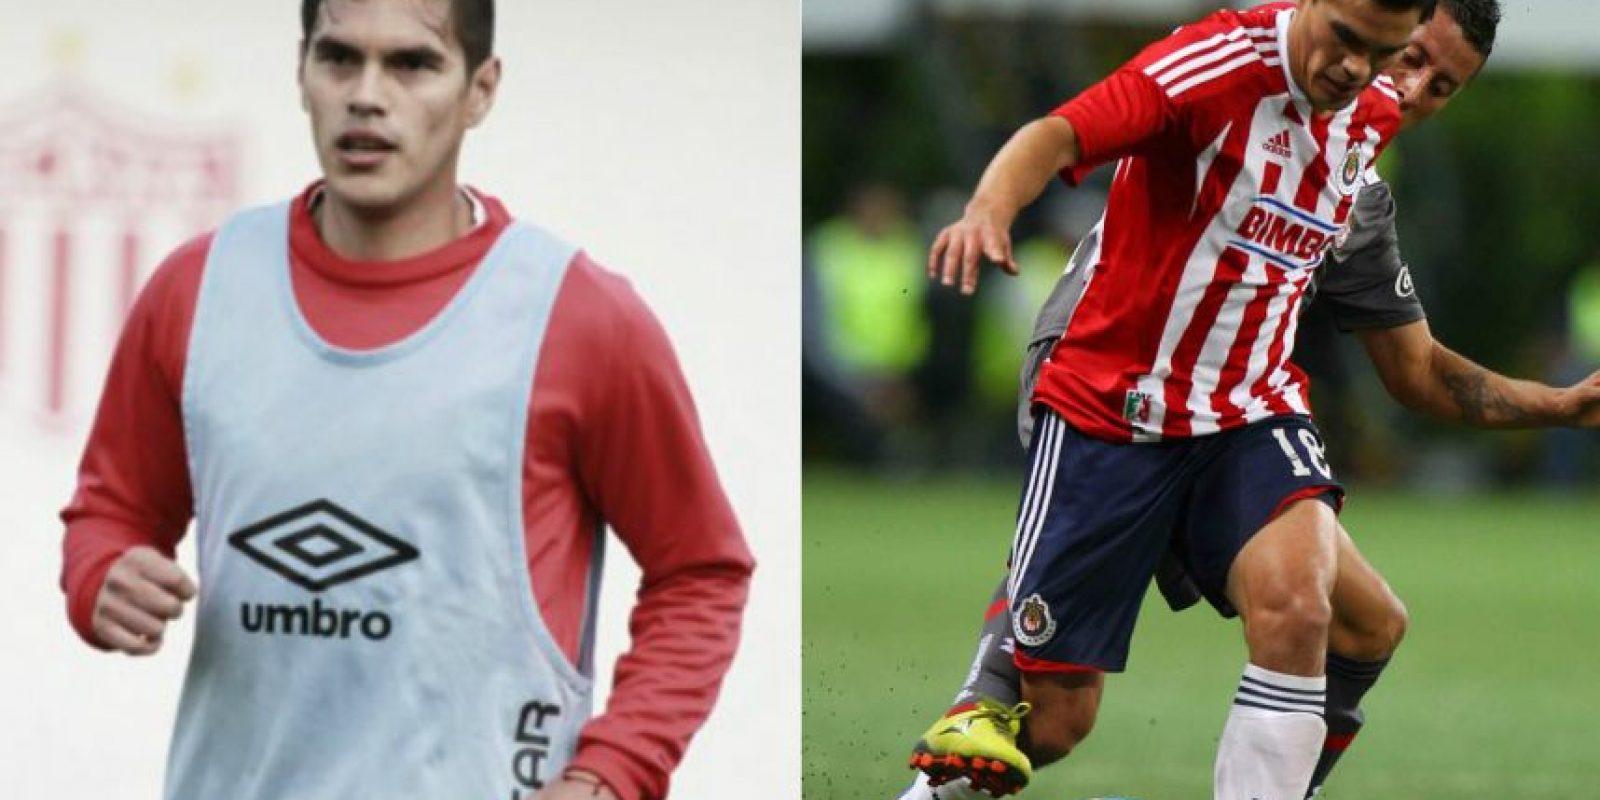 Xavier Báez fue otra de las promesas jóvenes de Chivas que se quedó en eso, luego fue a Cruz Azul donde no pasó nada con él y ahora es jugador de los Rayos. Foto:Mexsport